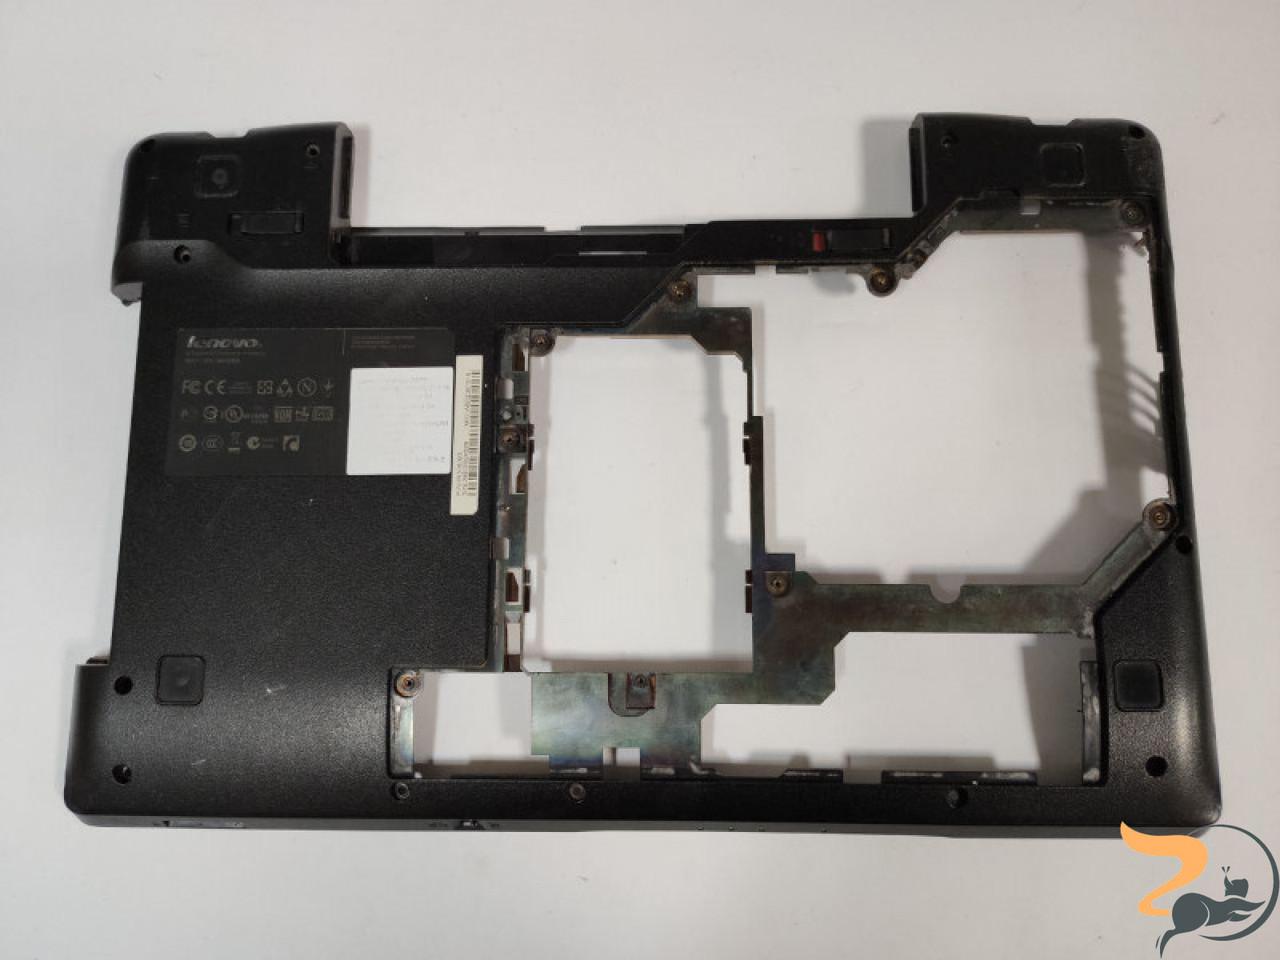 """Нижня частина корпуса для ноутбука Lenovo IdeaPad Z575, 15.6"""", 59338093, Б/В. Зламане кріплення CD/DVD, та рештка (фото)."""